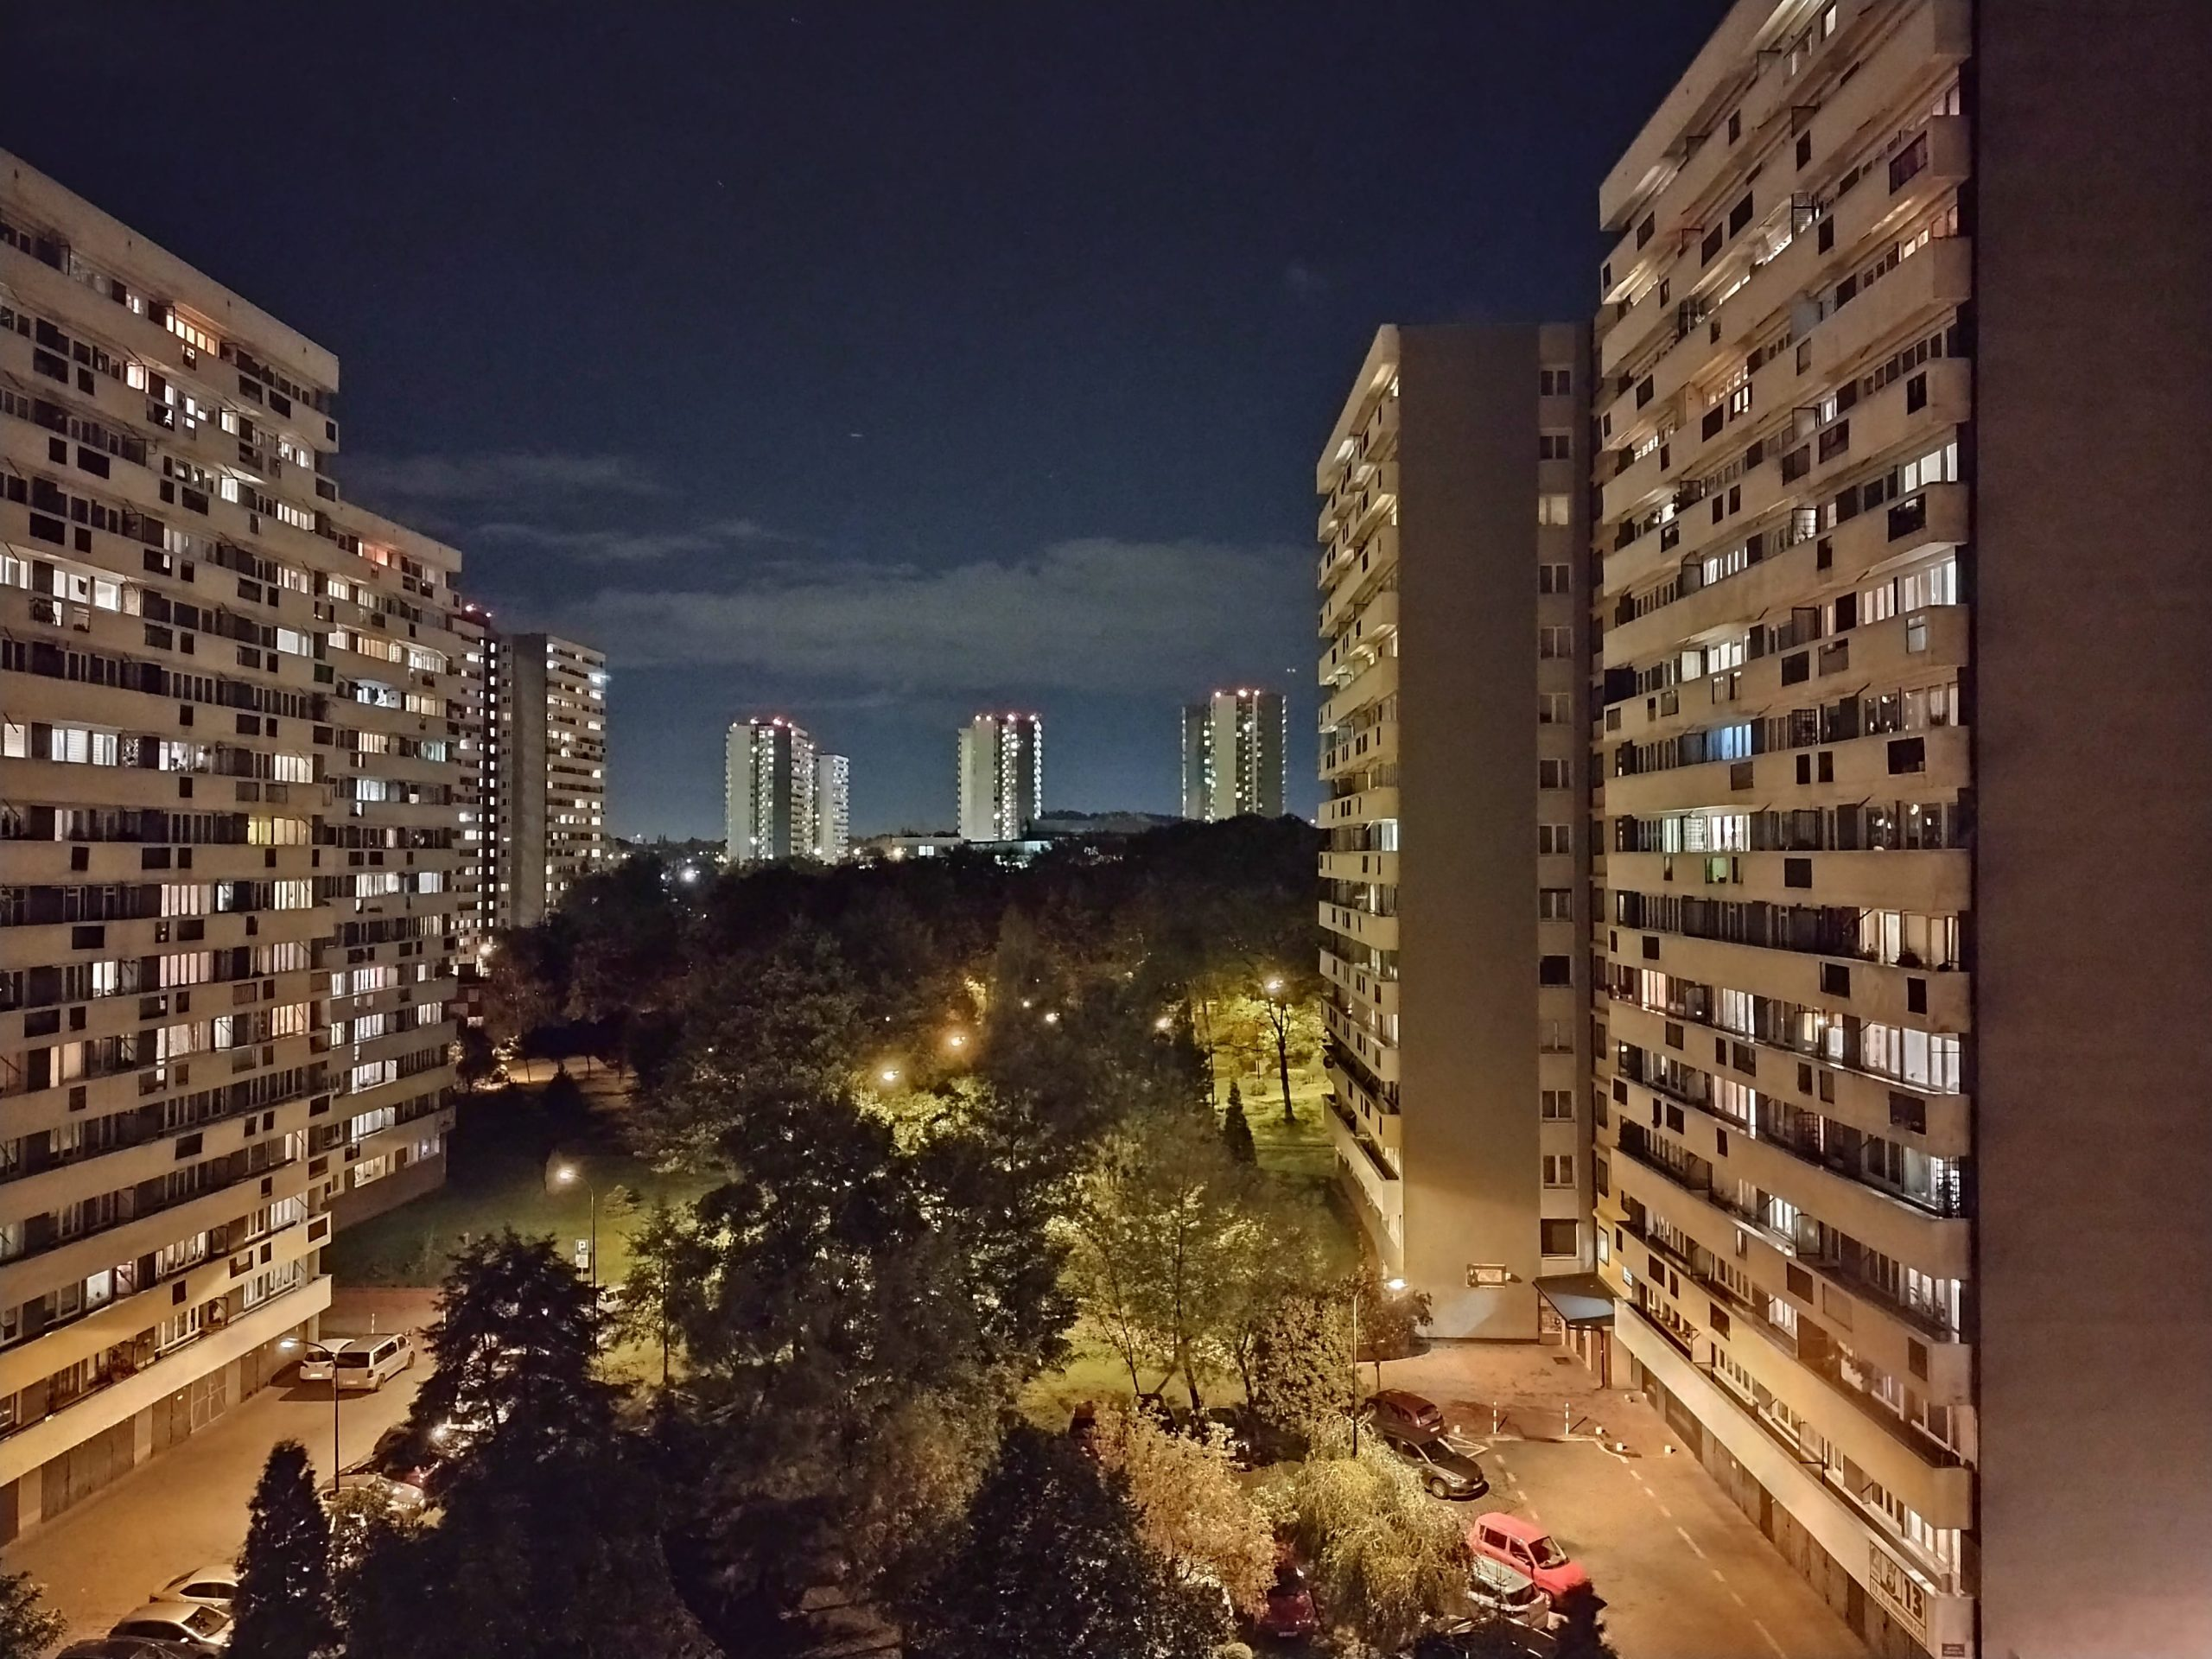 Zdjęcia nocne - Motorola Moto E7 Plus